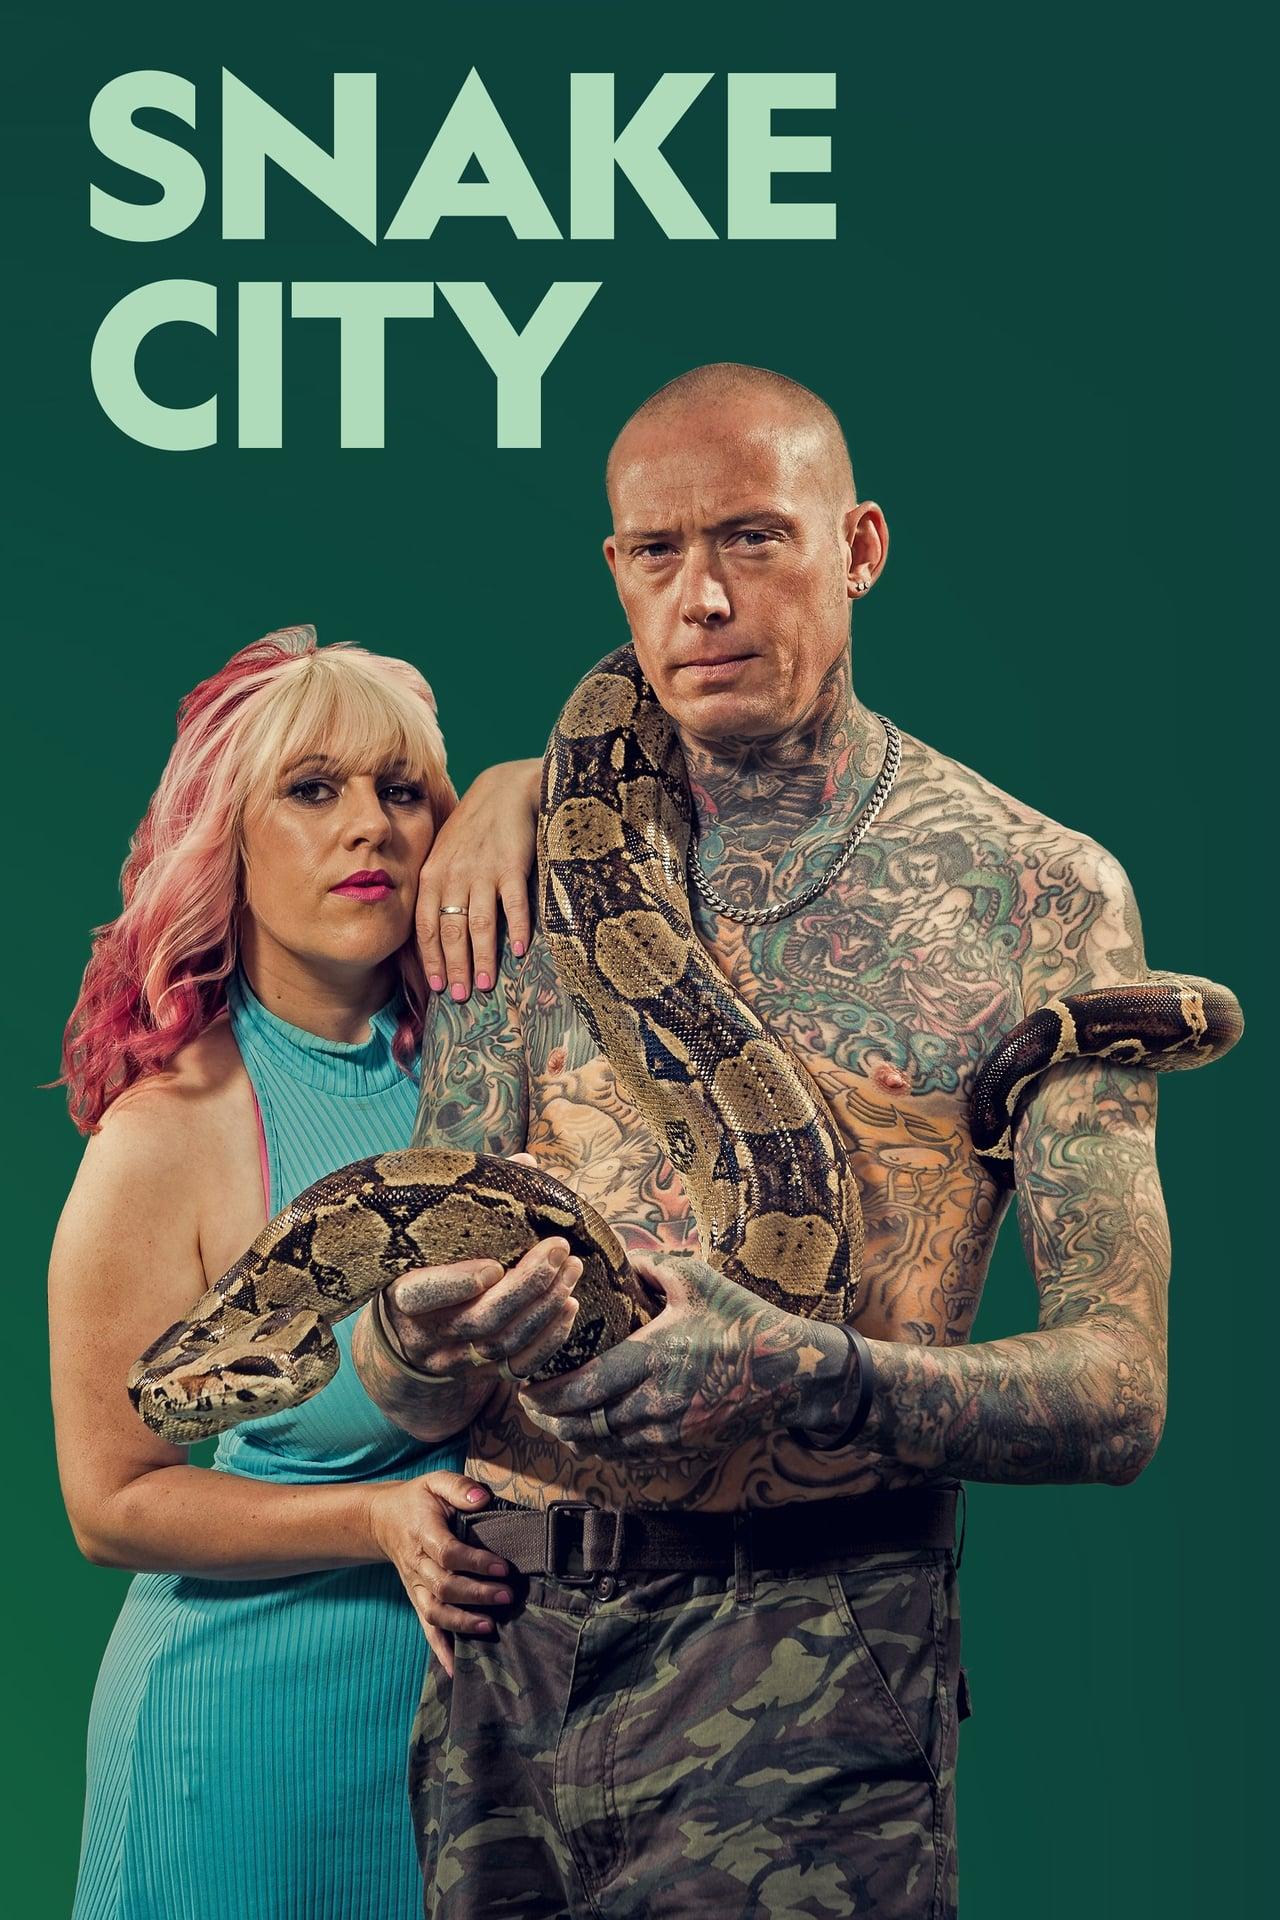 Snake City